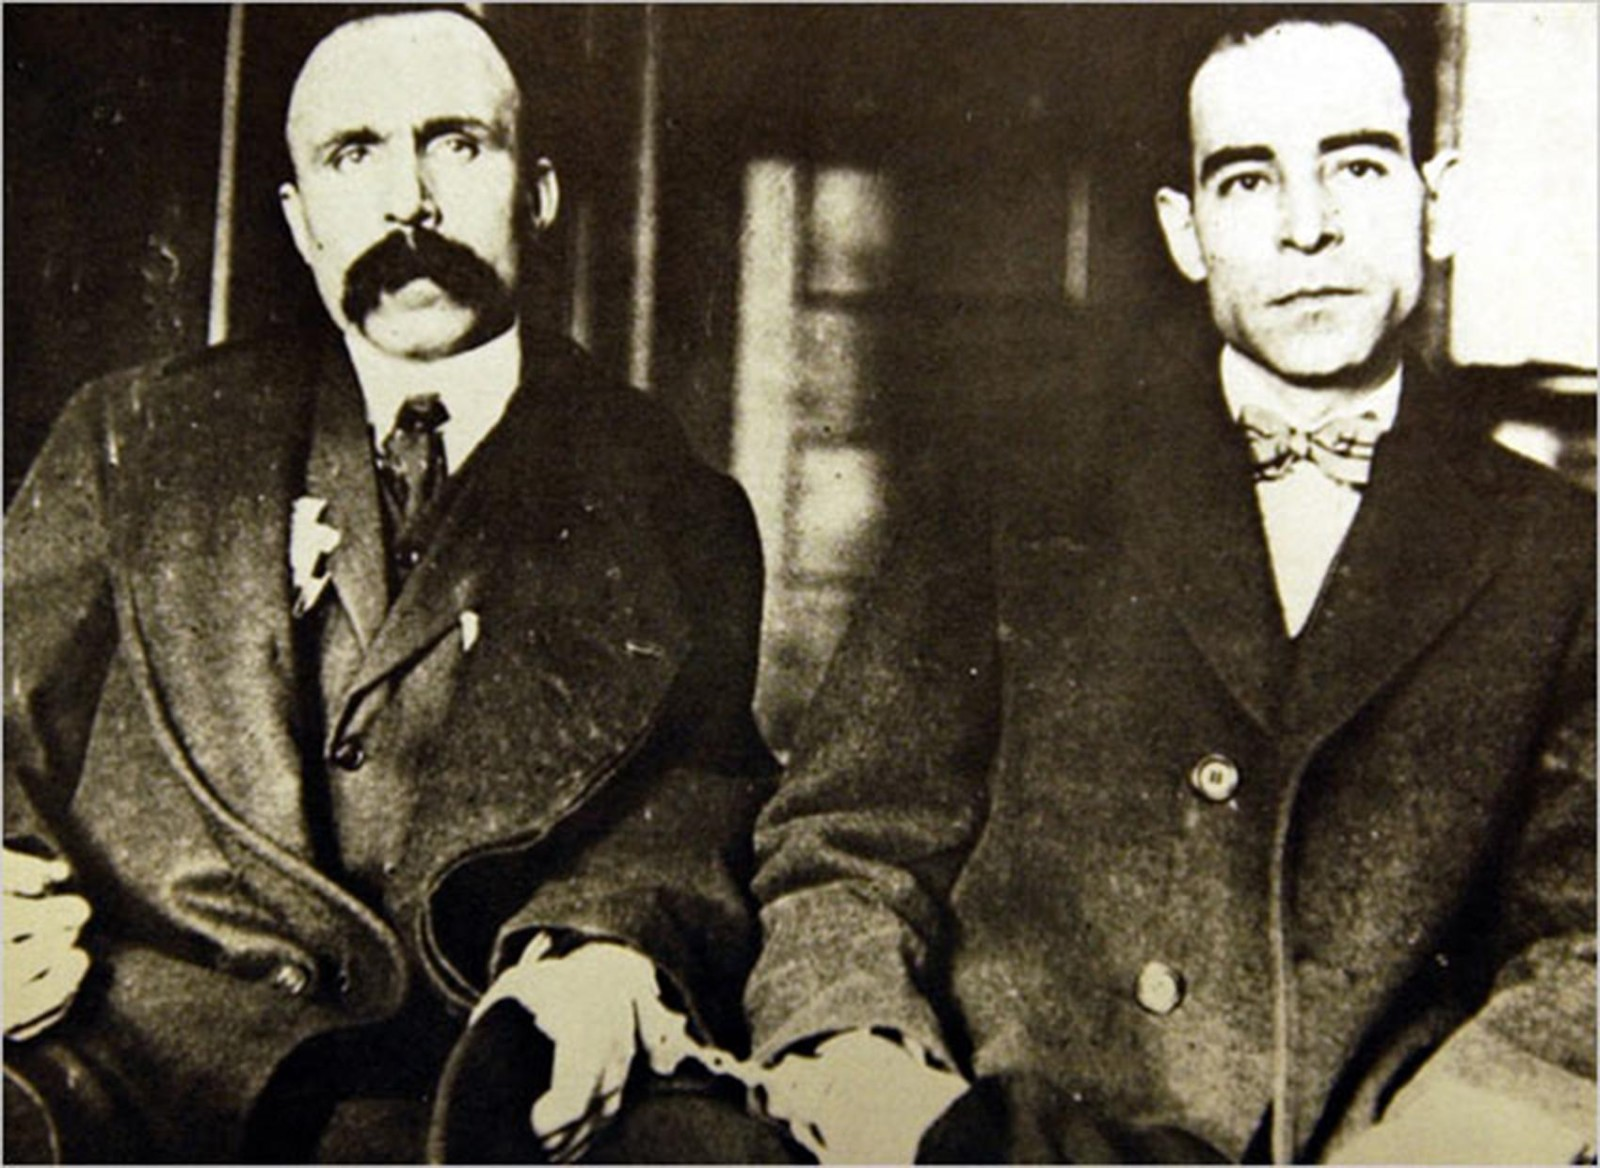 Αποτέλεσμα εικόνας για Νίκολα ΣάκοκαιΜπαρτολομέο Βαντσέτι